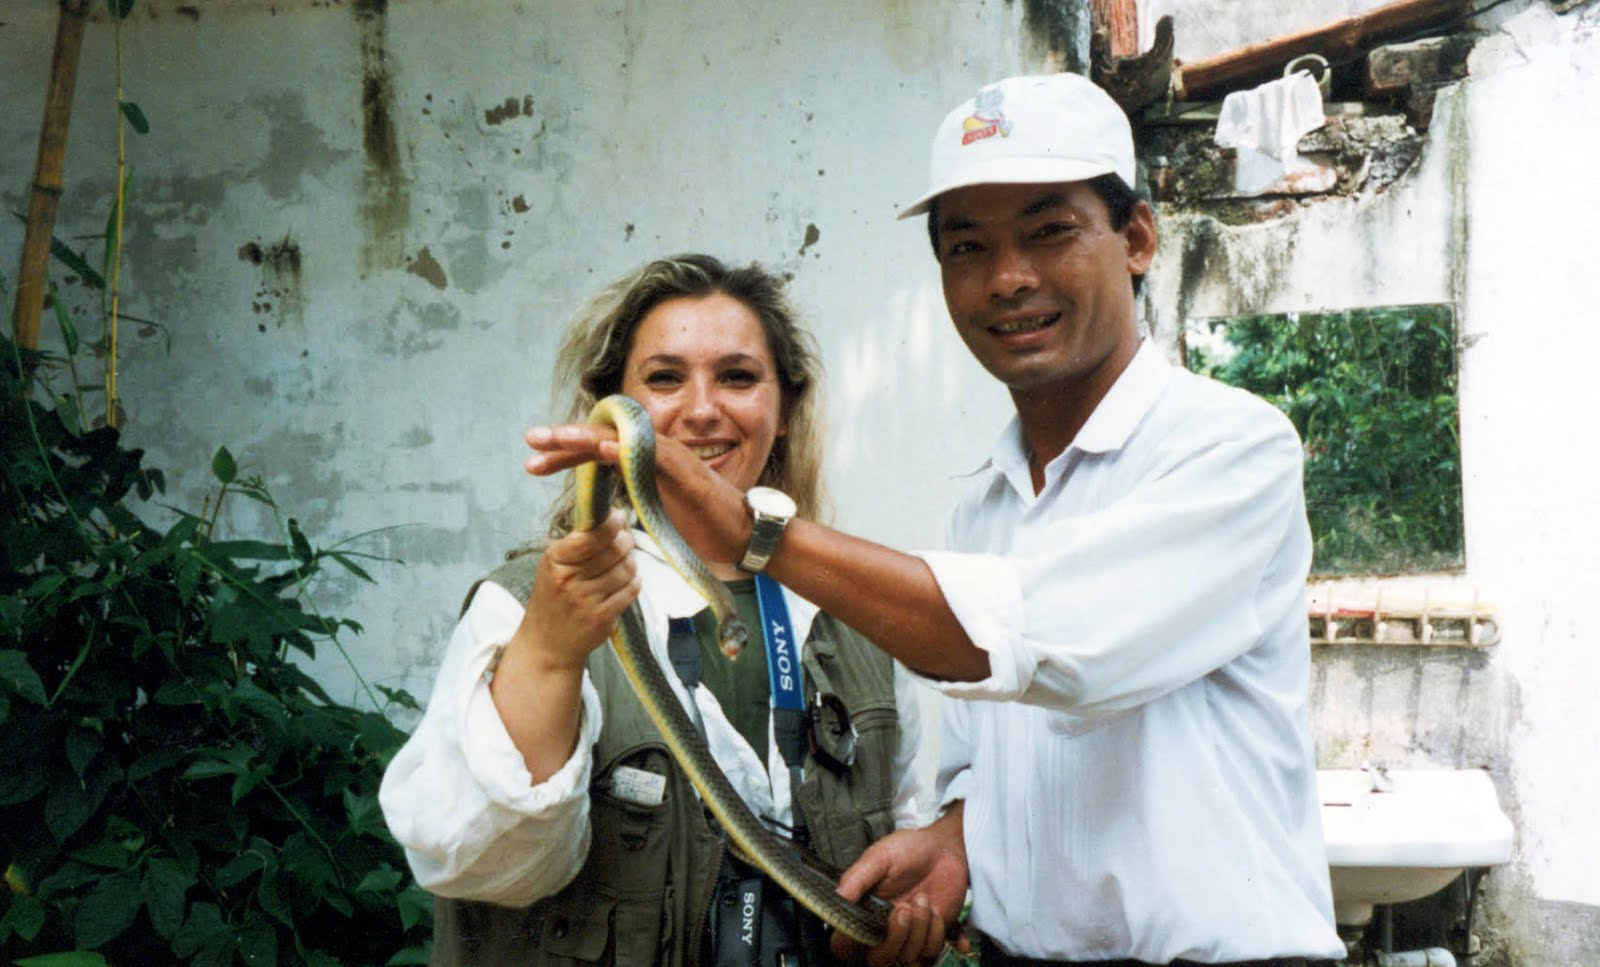 Villaggi Thai - Snake passion